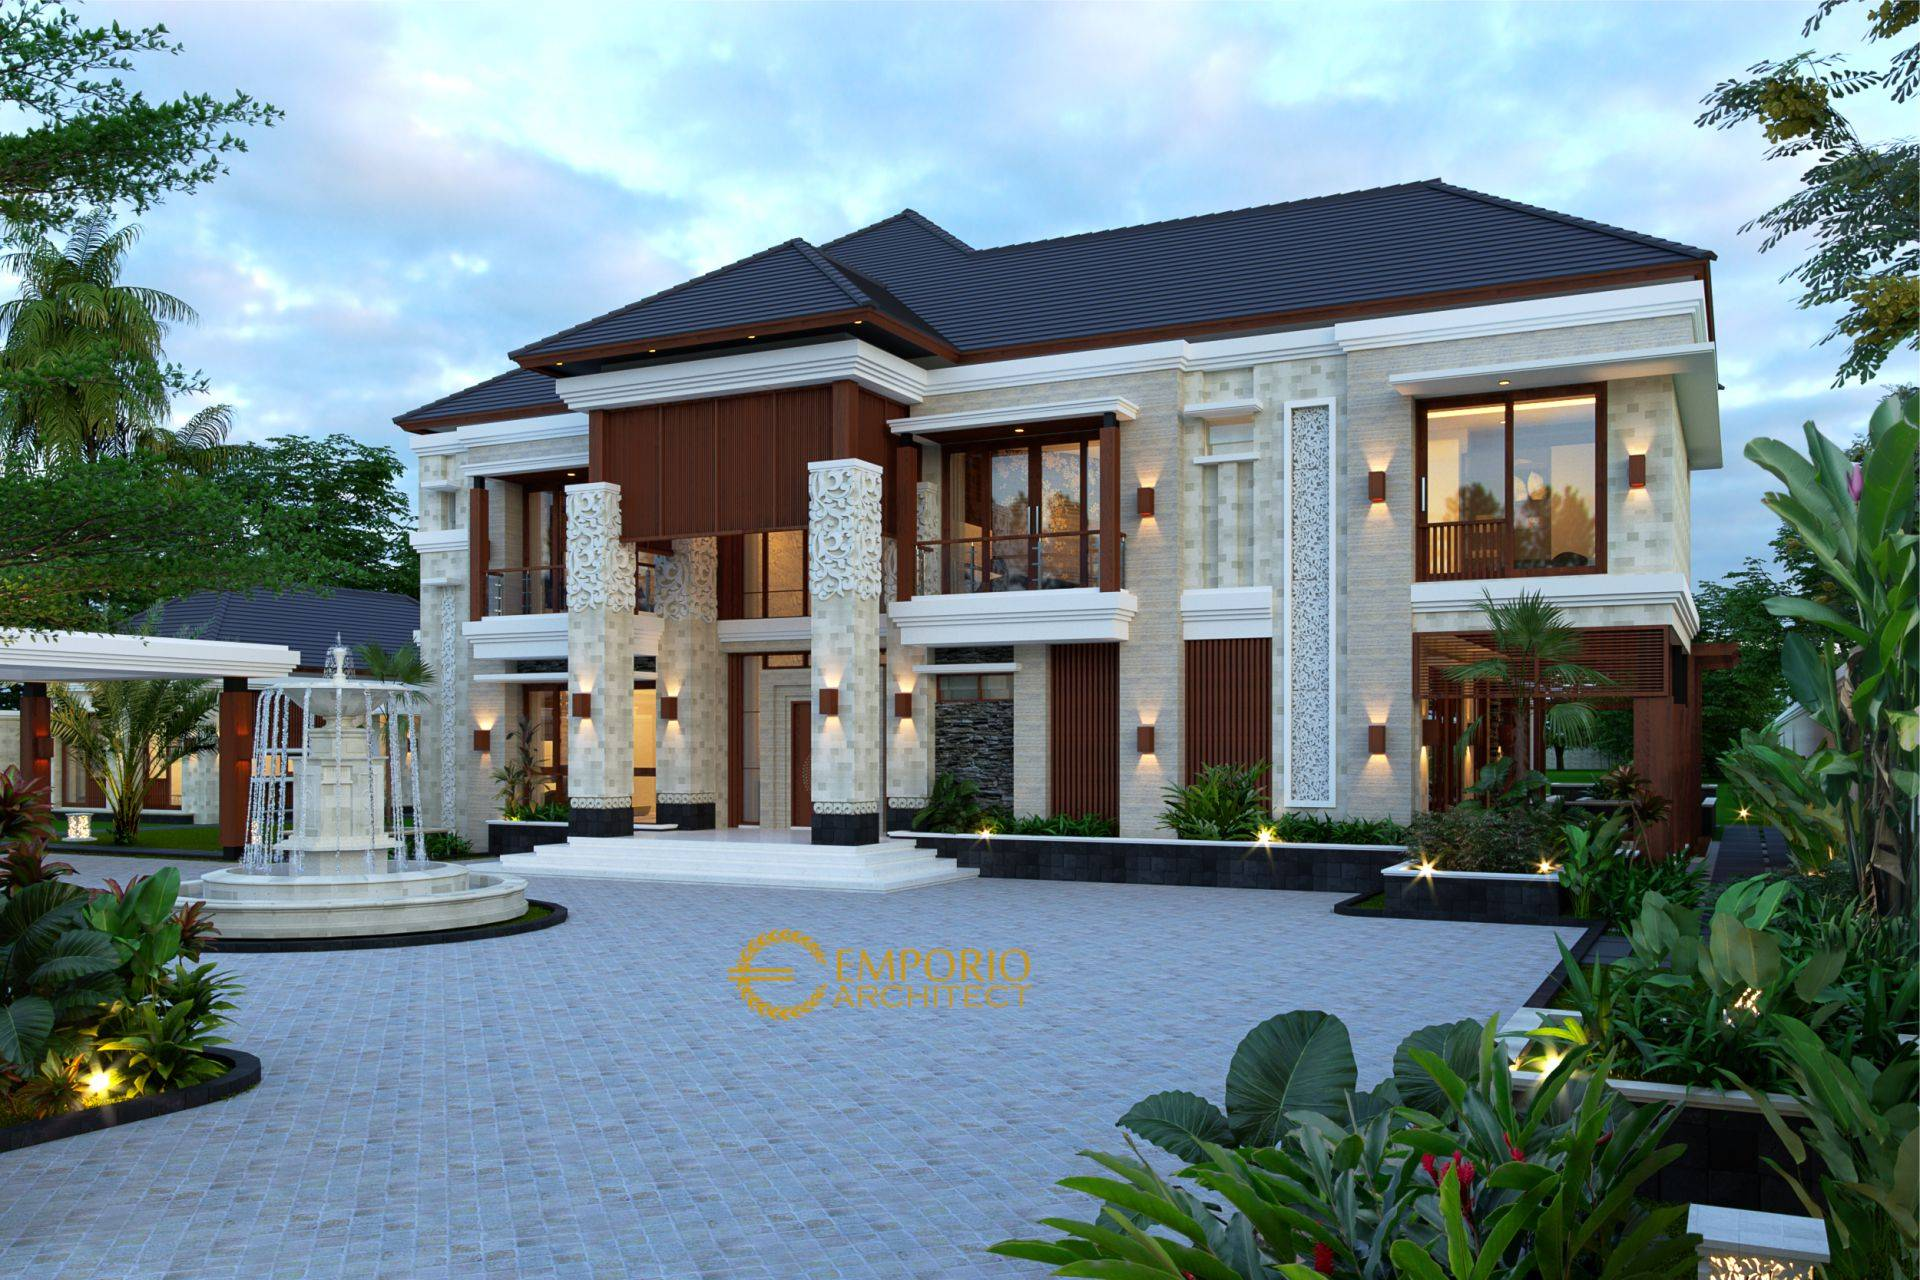 Desain Rumah Villa Bali 2 Lantai Mr Mohamoud di Tanzania